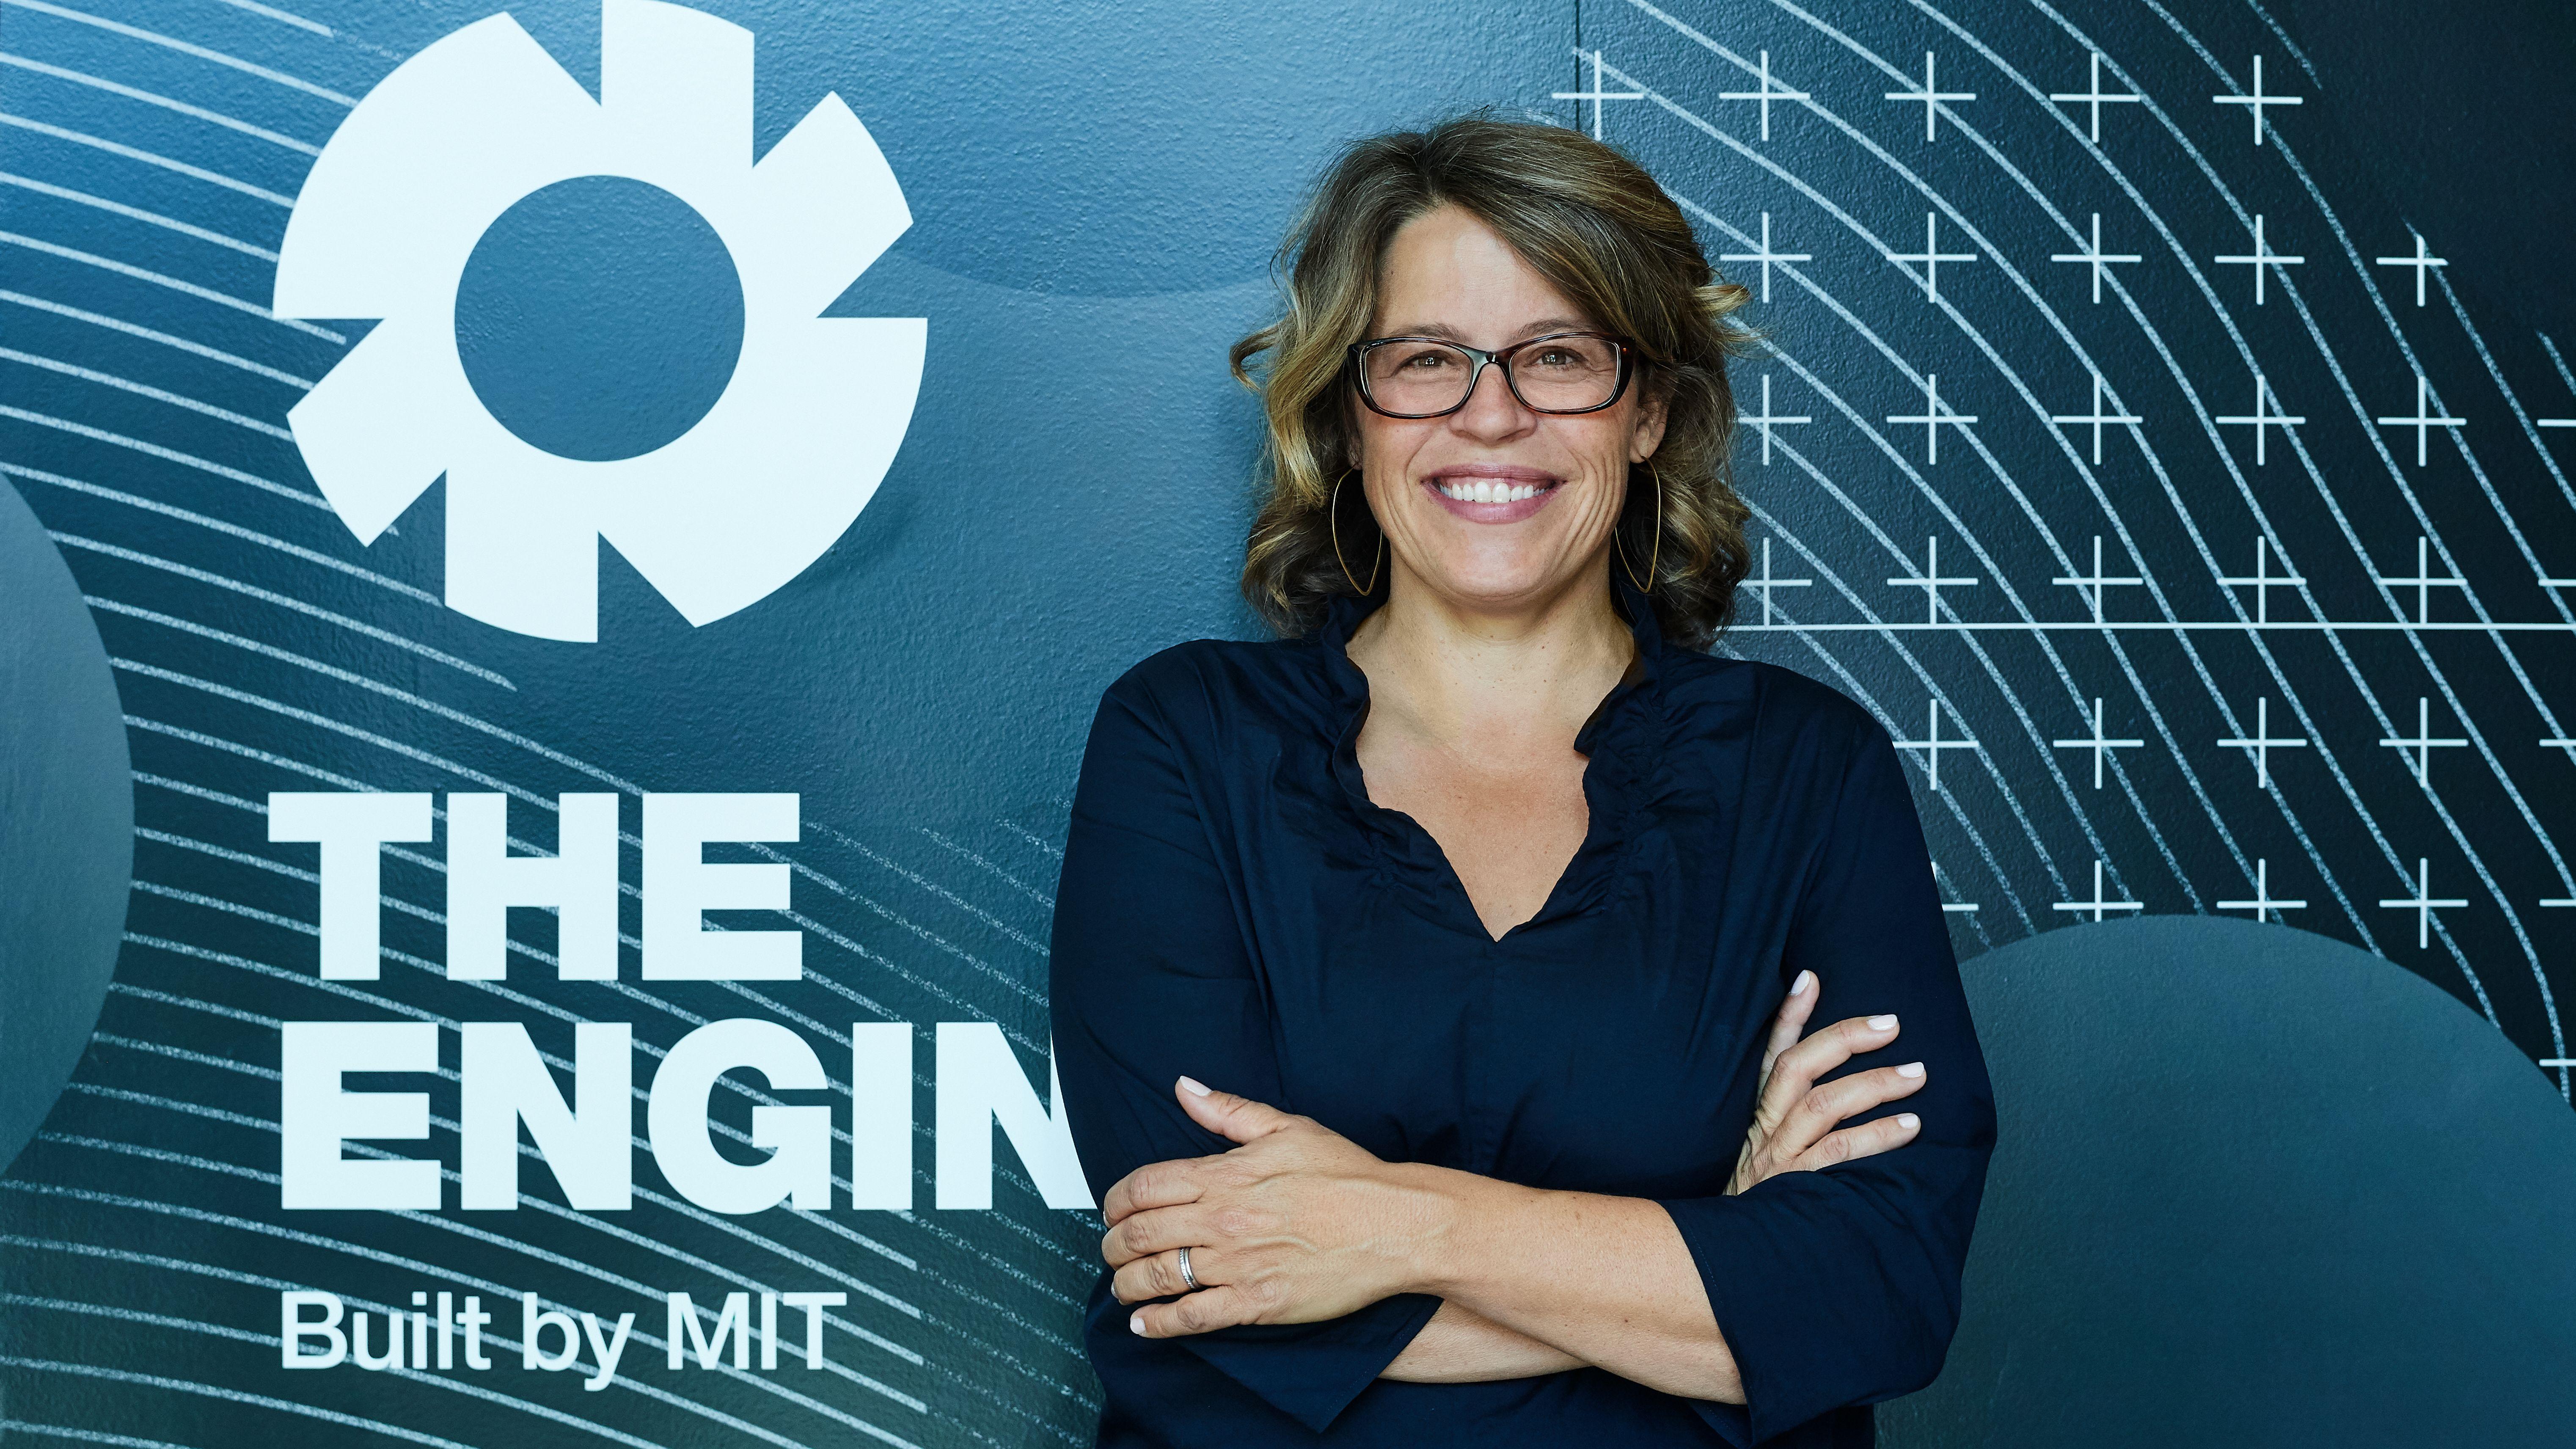 MIT発ベンチャー・キャピタルが手ごわい技術に投資する理由